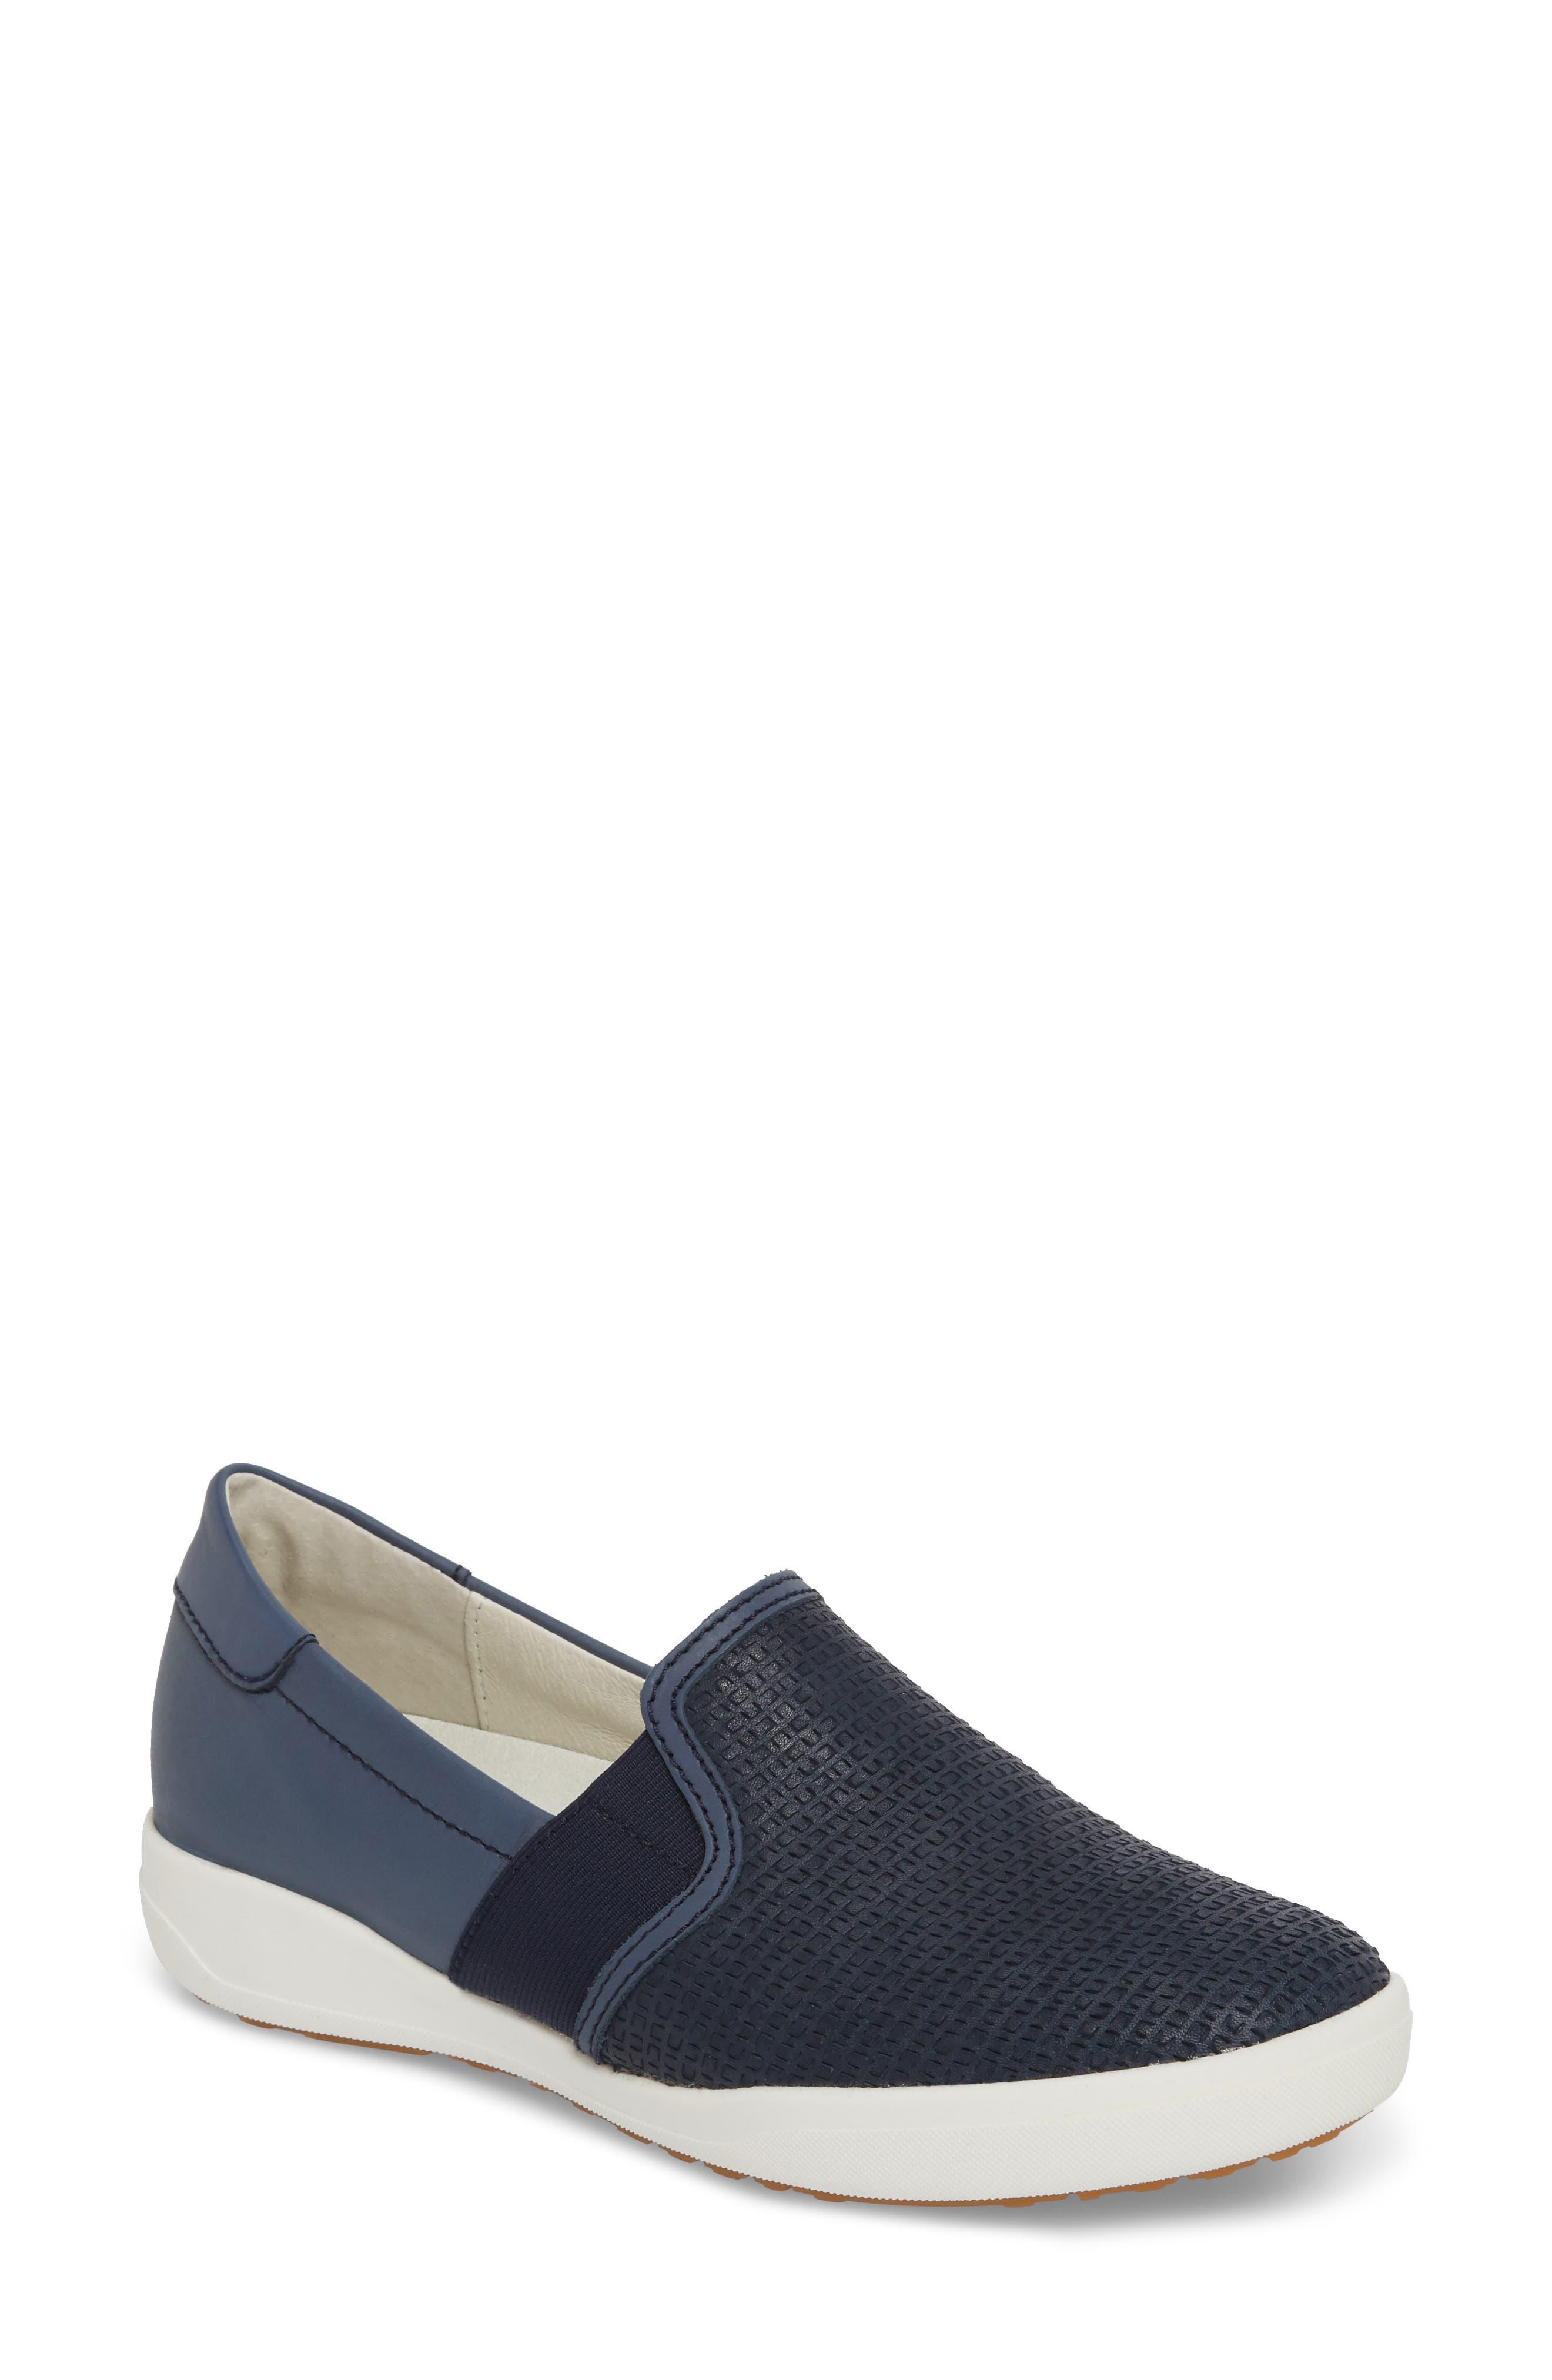 Josef Seibel Sina 39 Sneaker, Blue